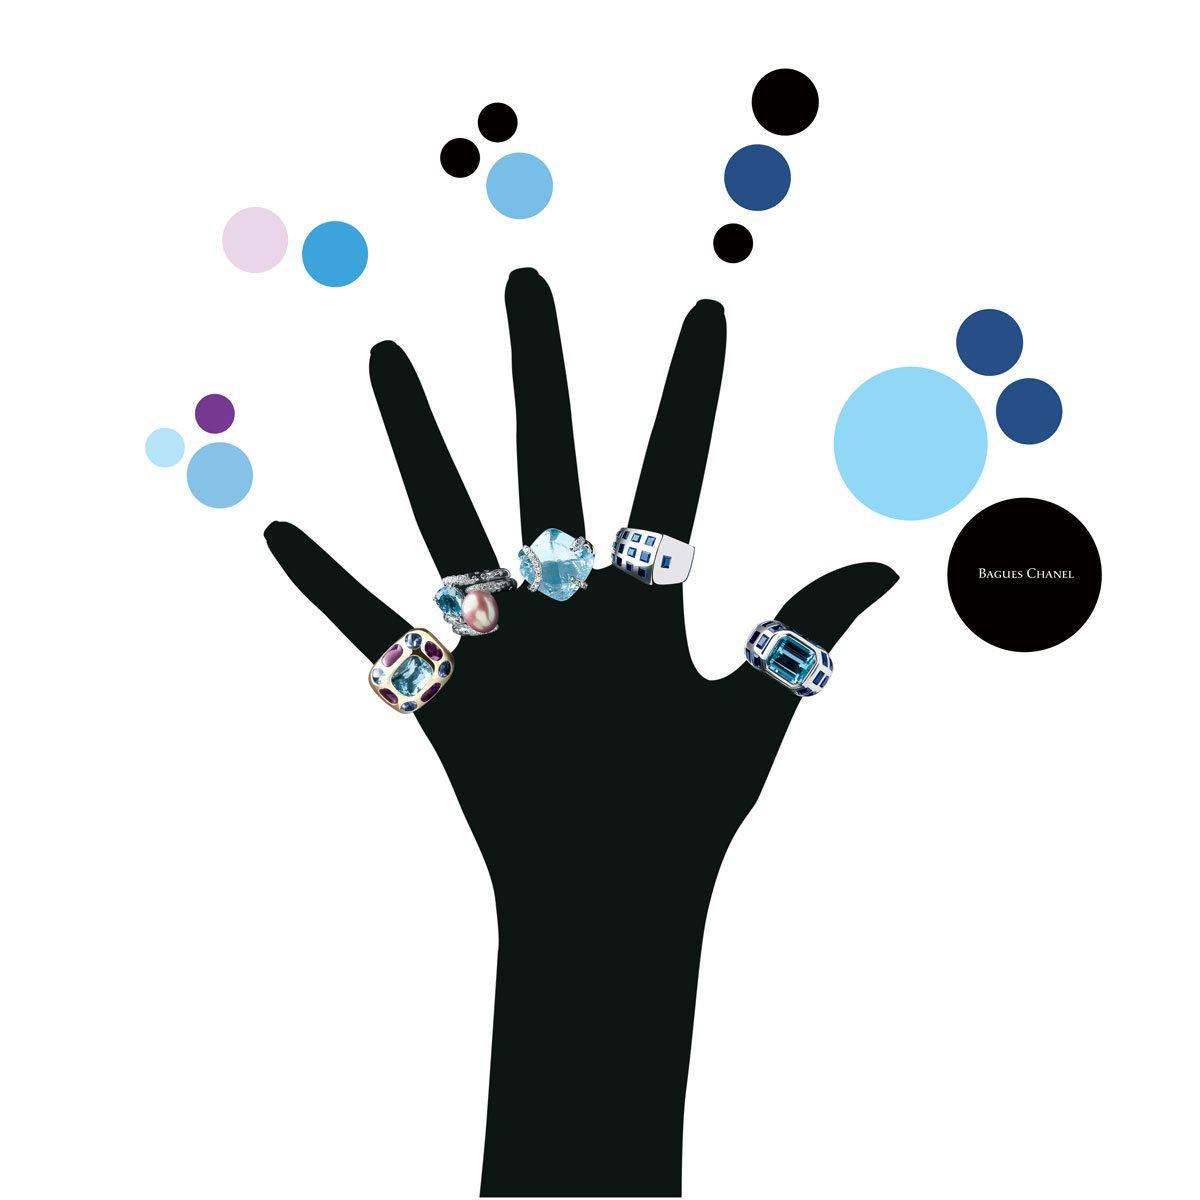 bagues chanel sur silhouette de mon noire dessinée par Ich&Kar